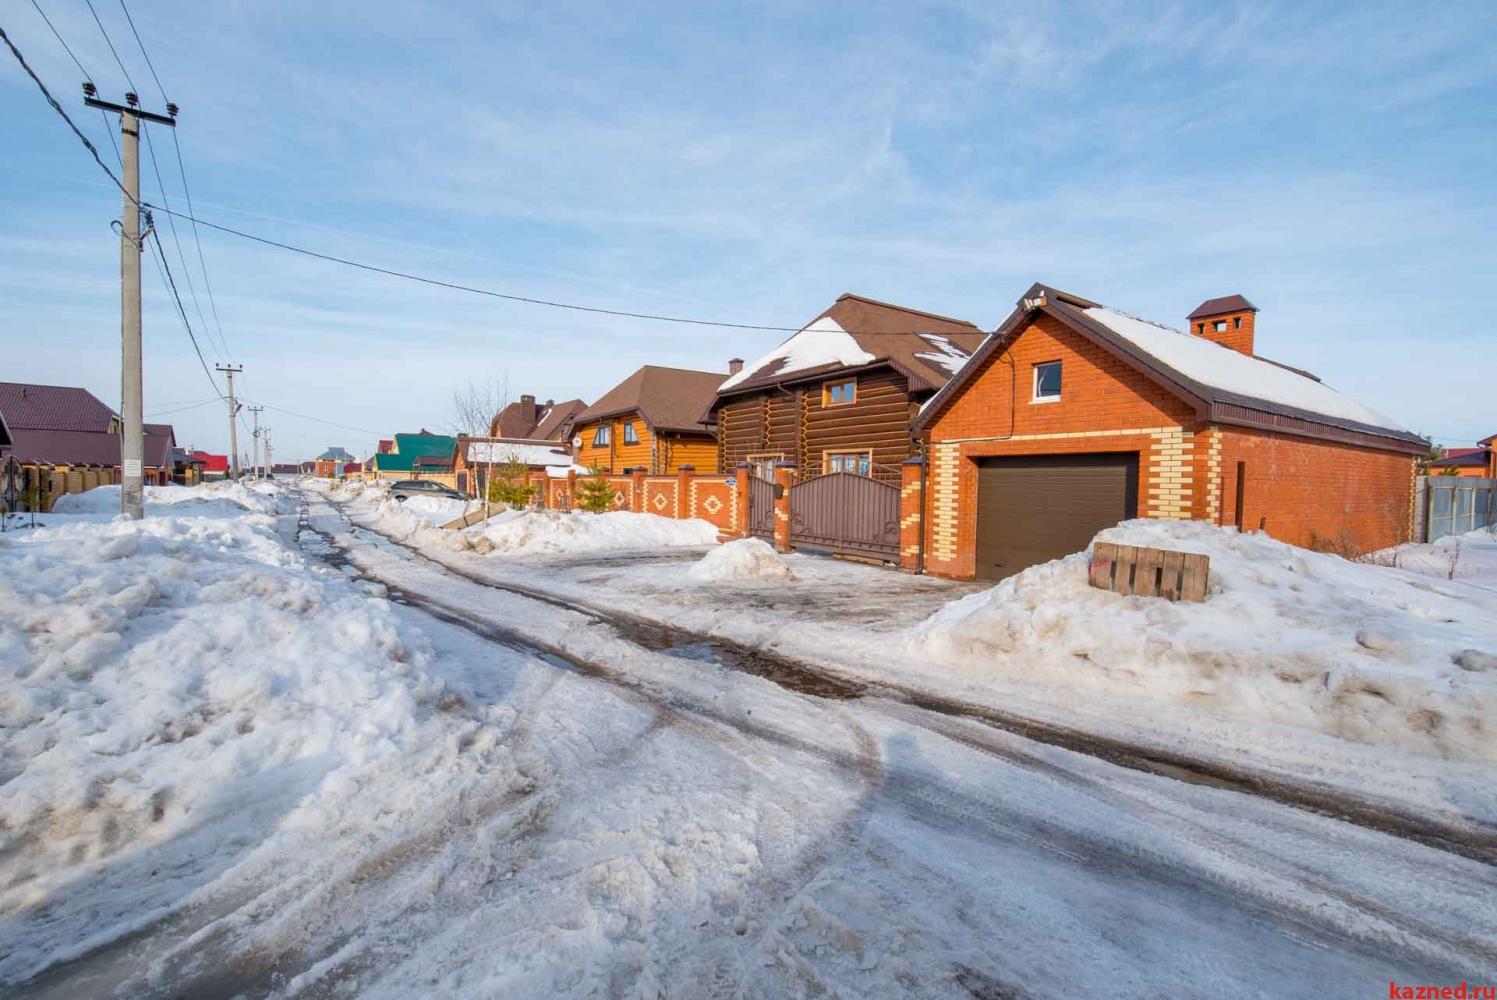 Продажа  Дома Зеленая д.13 пос. Новая Сосновка, 187 м2  (миниатюра №2)